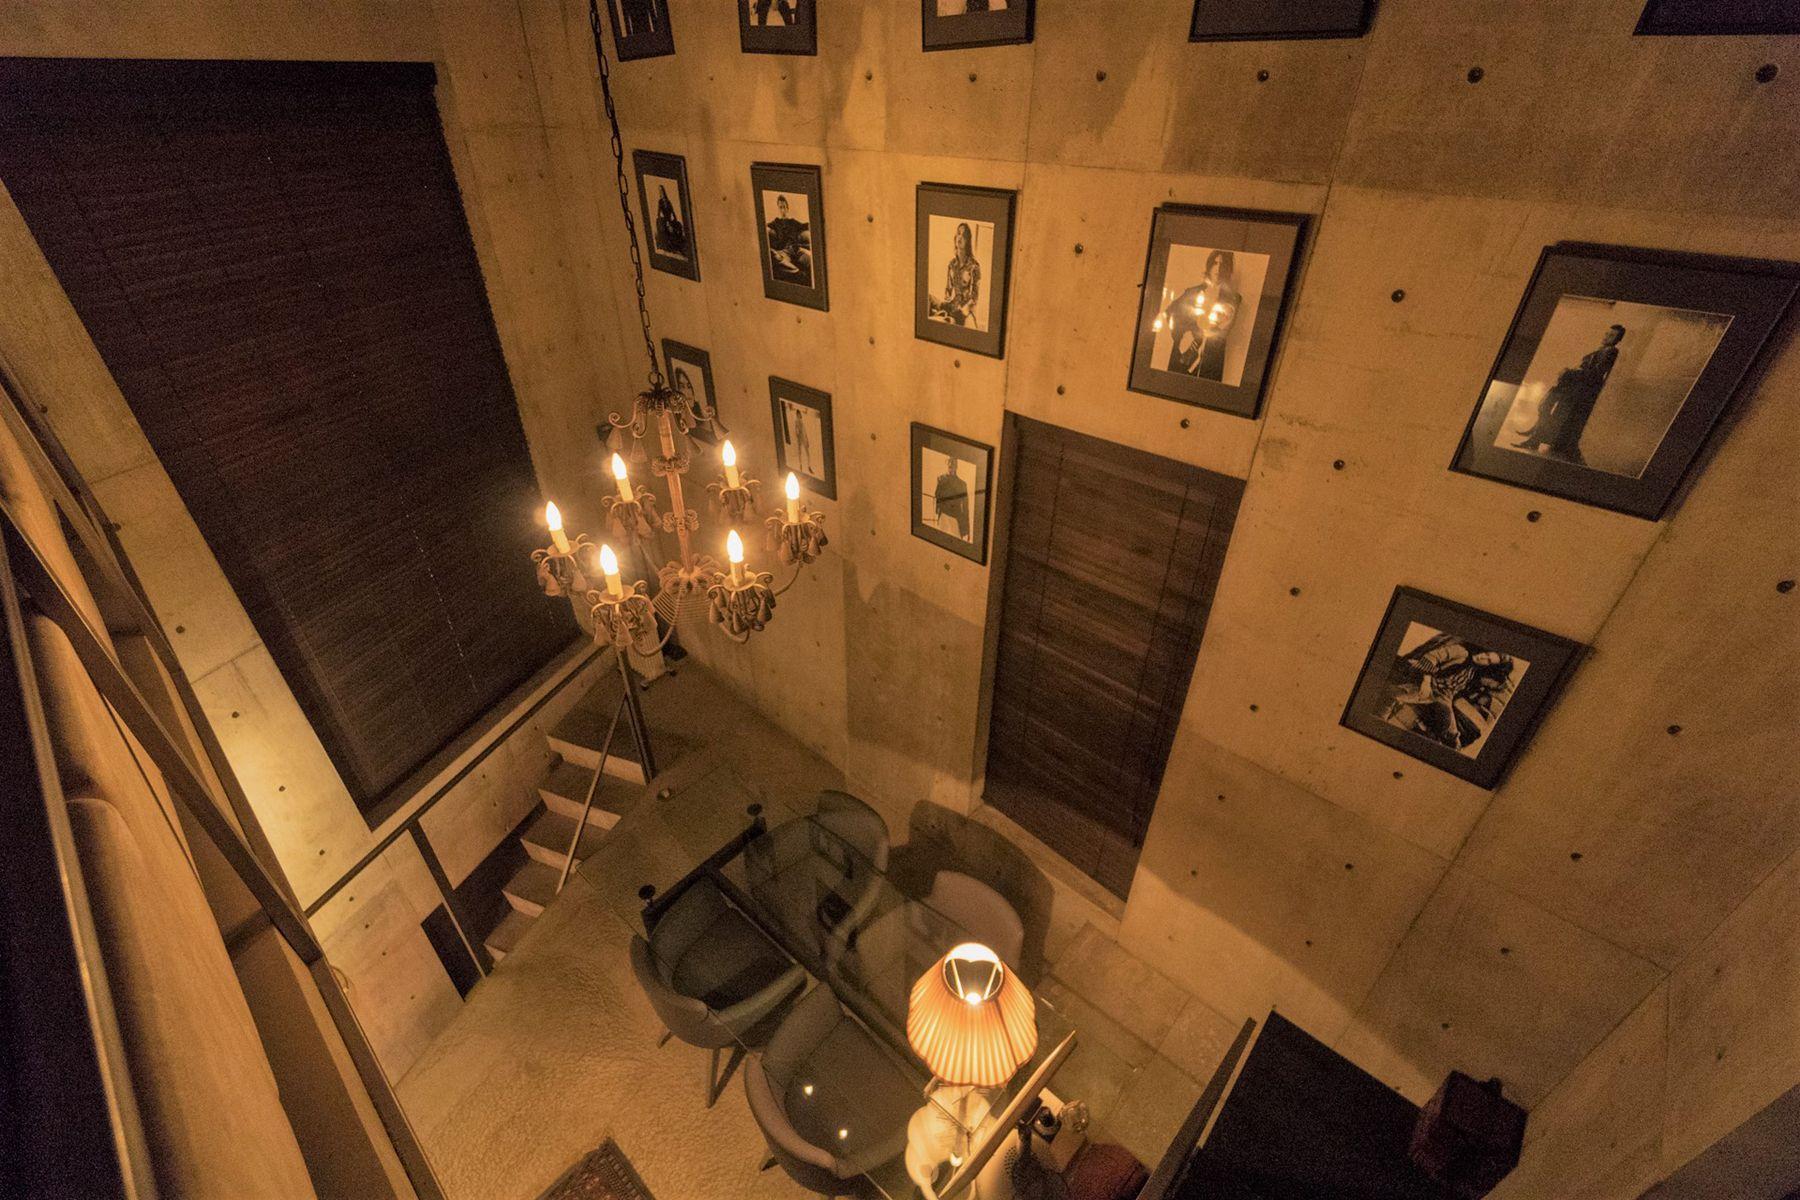 芝浦ADEスタジオ4F階段踊り場から3Fへの俯瞰(夜)